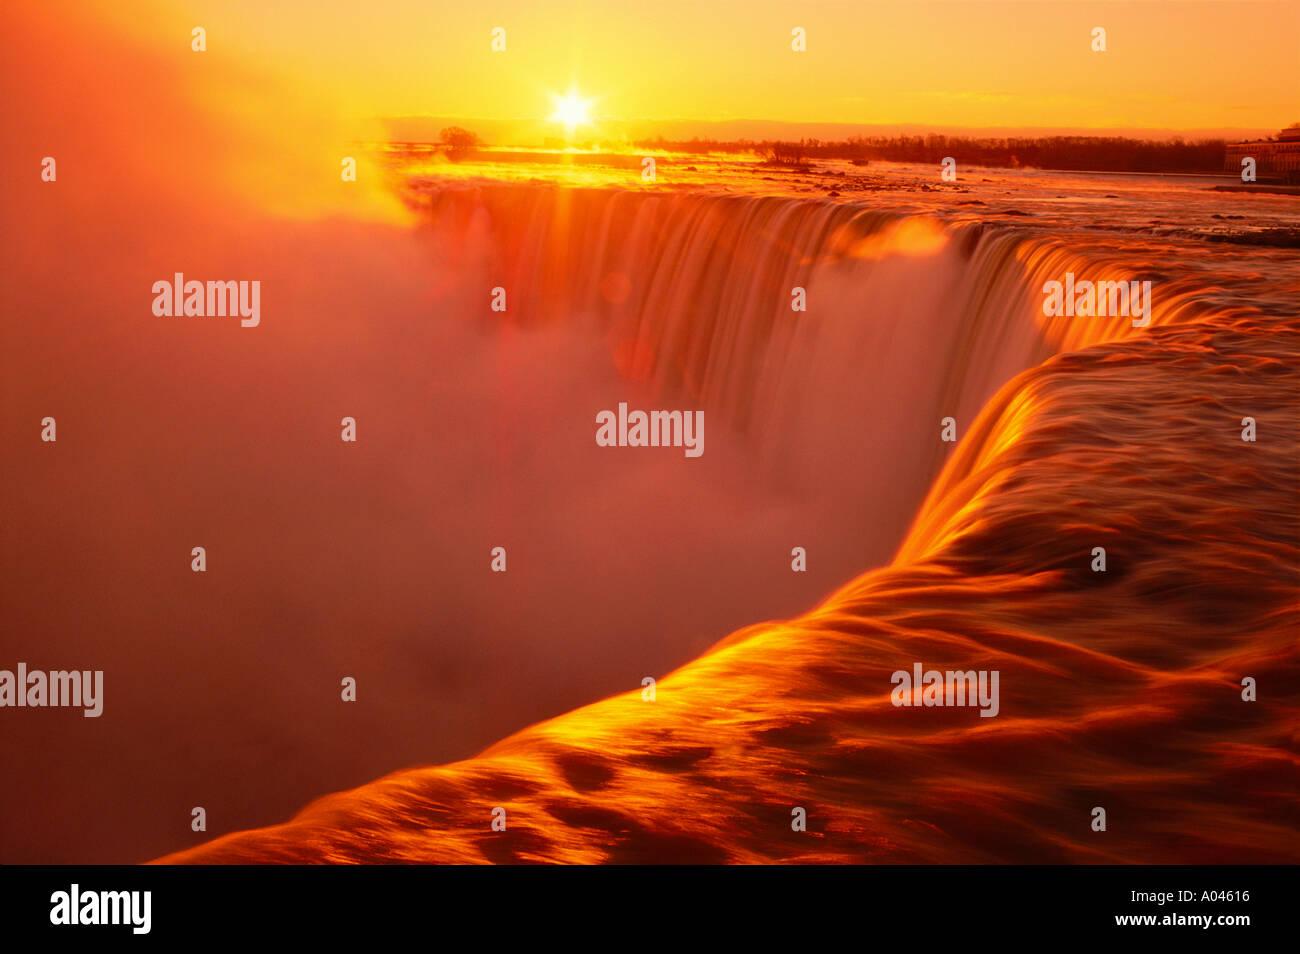 Kanada Ontario Niagara Falls Sonnenaufgang über Niagara Falls Stockbild